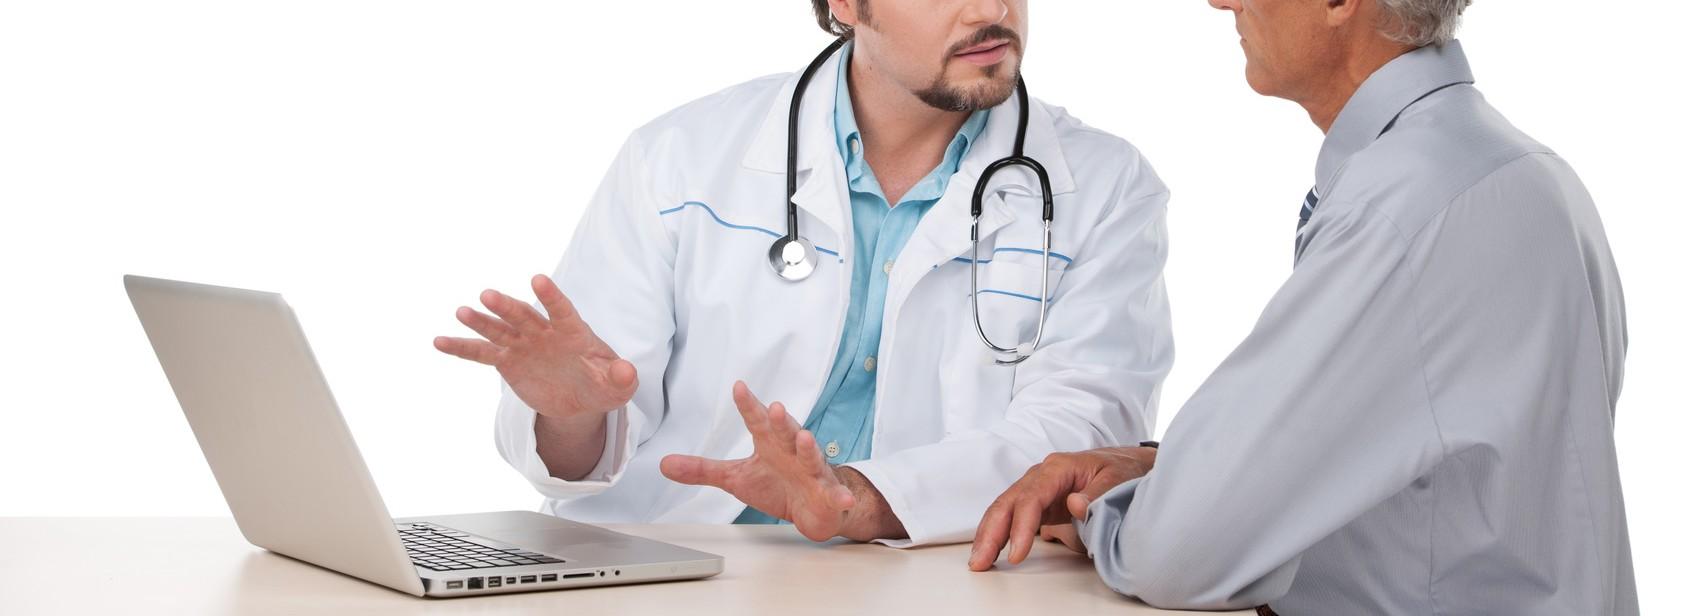 Otoplastia (Cirurgia de Orelha): Como se preparar - Cirurgia Plástica Curitiba - Clínica CMP